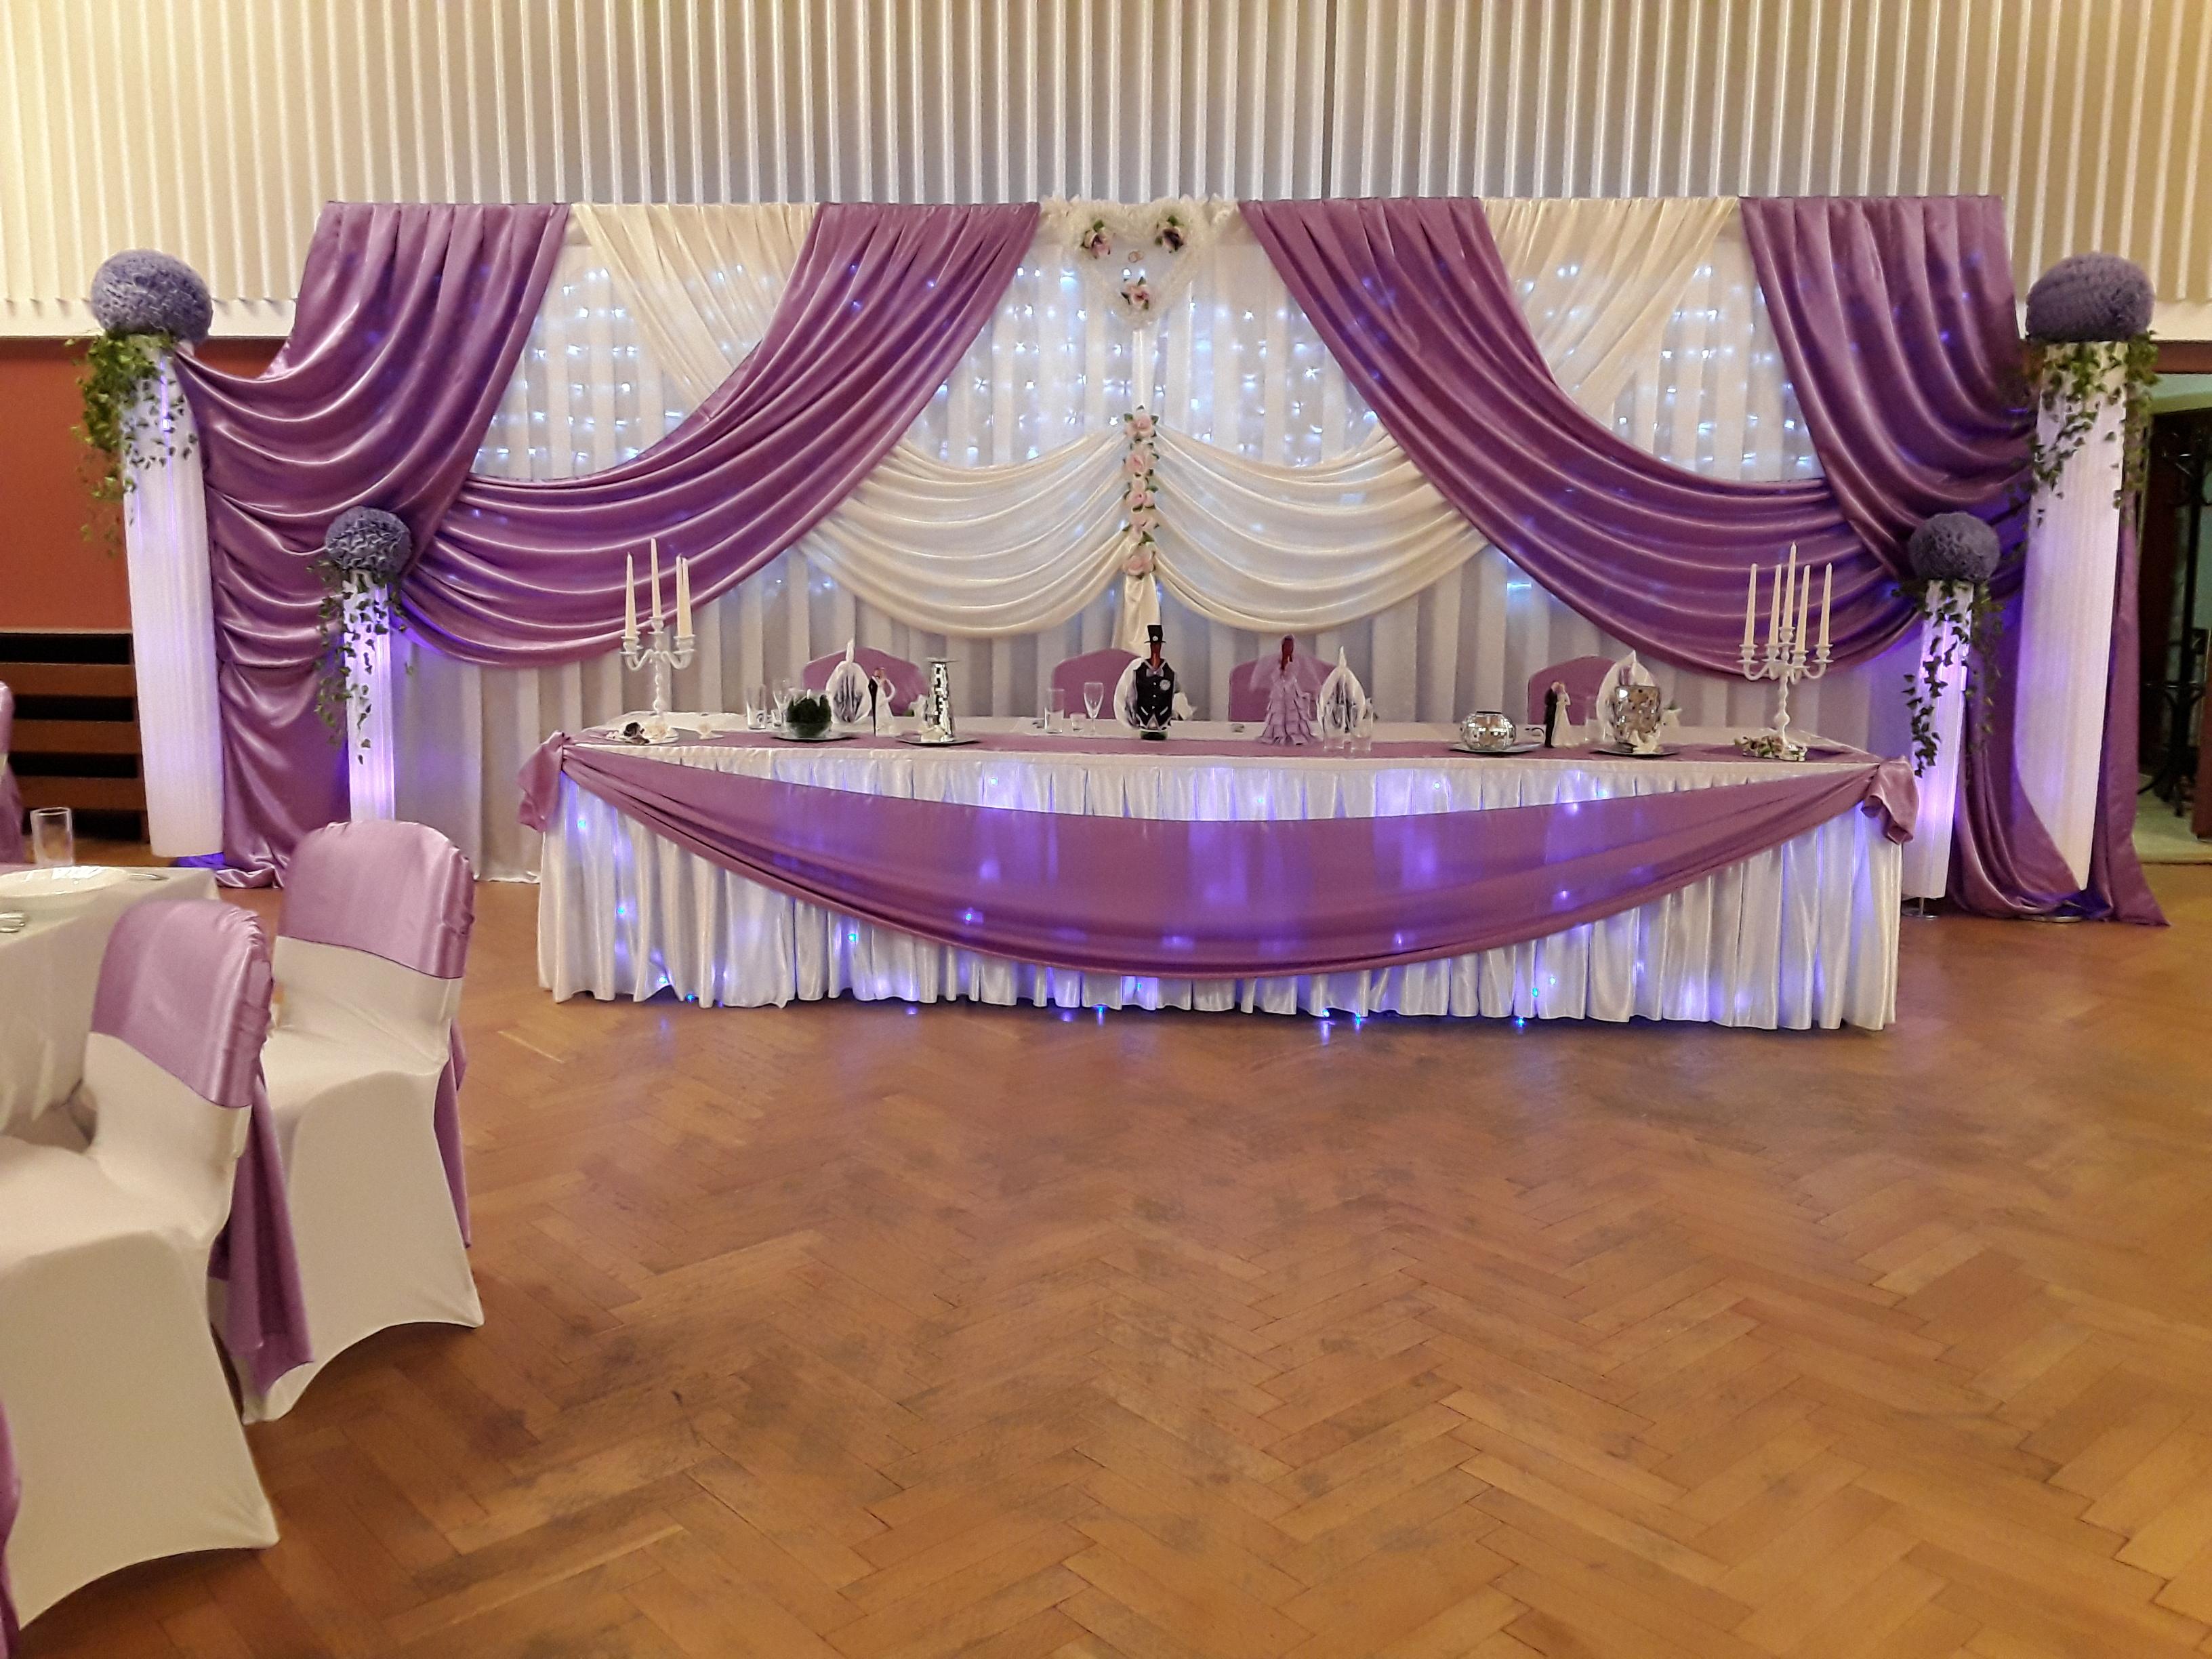 Tischdekoration und Hintergrund zur Hochzeit in Flieder & Weiß